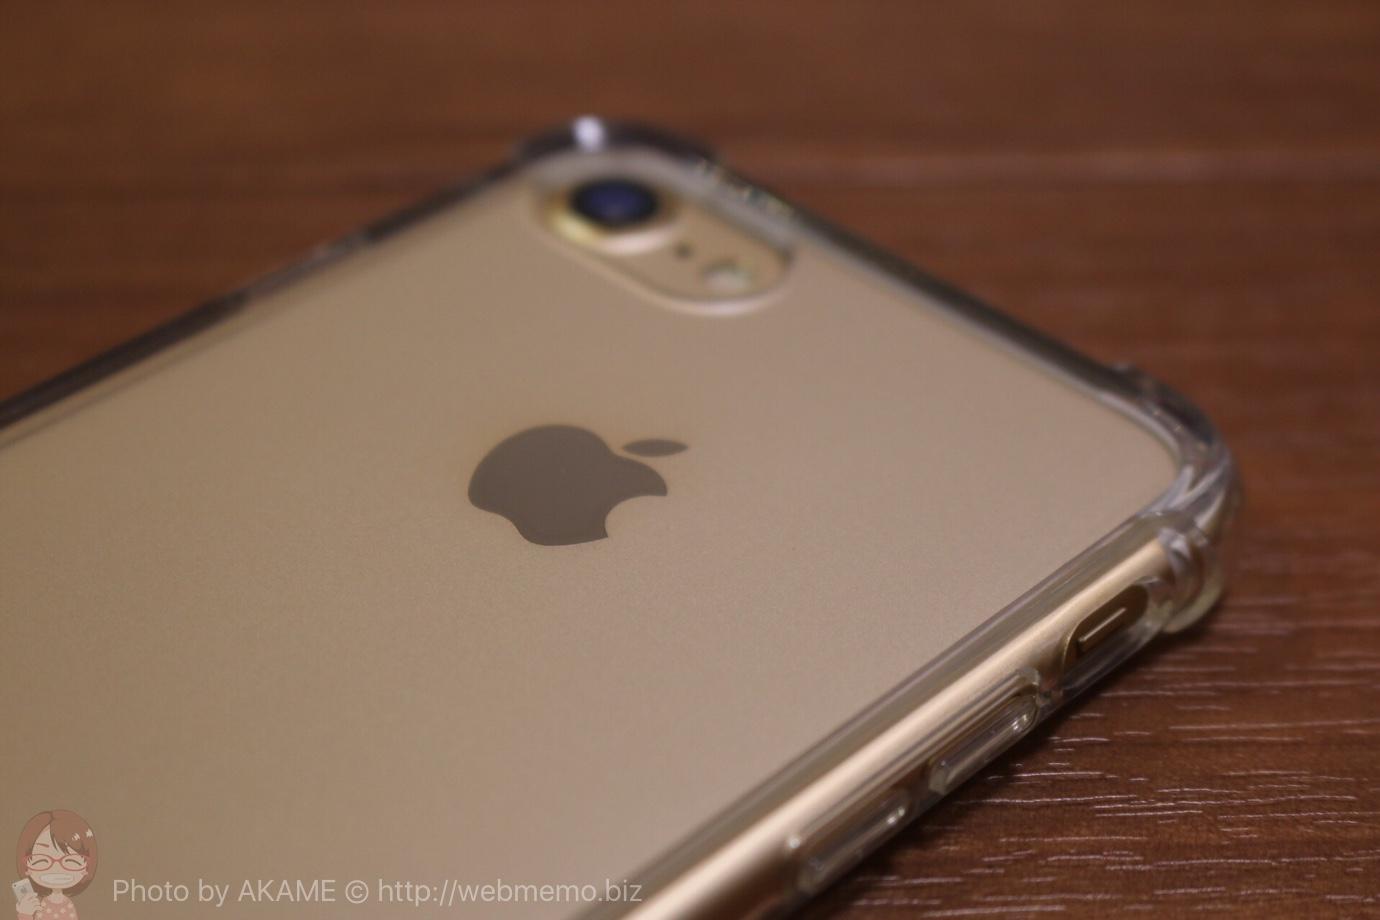 iOS10 カメラのシャッター音とスクショ音を消す方法を試したら本当に無音になった!